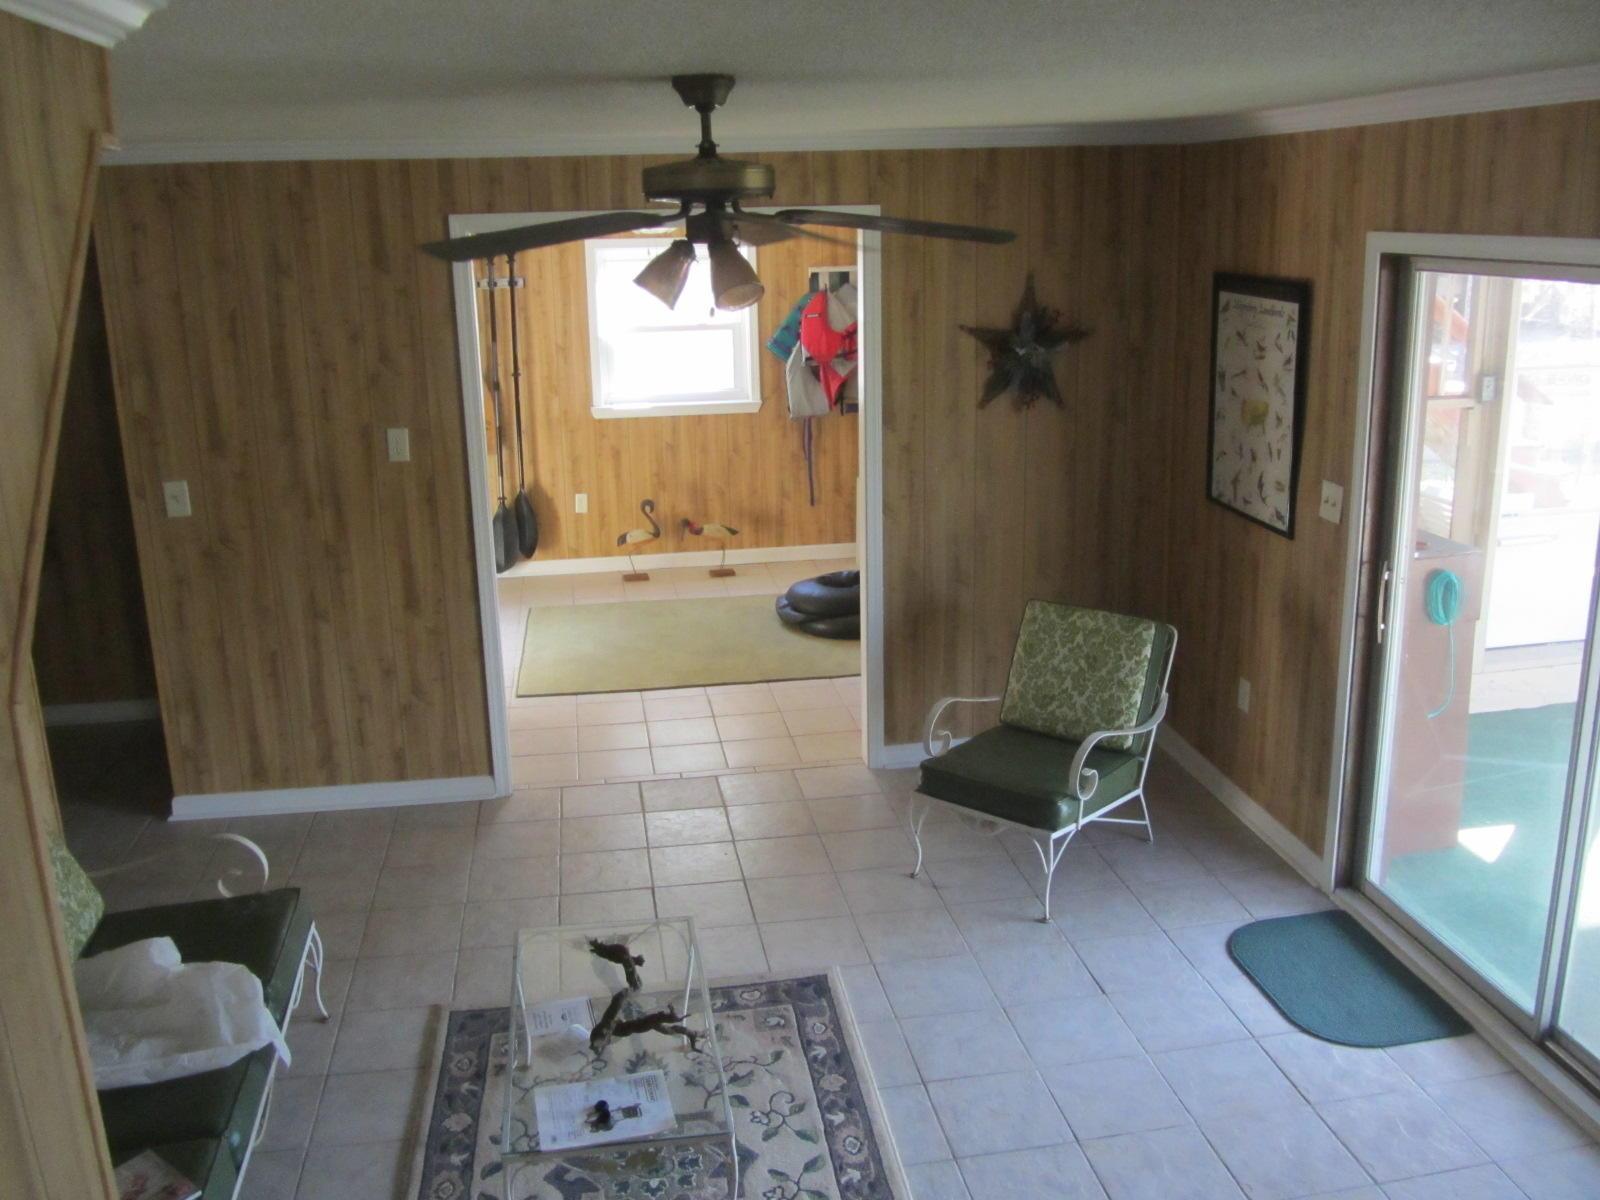 Edisto River Homes For Sale - 265 Blackwater, Round O, SC - 3